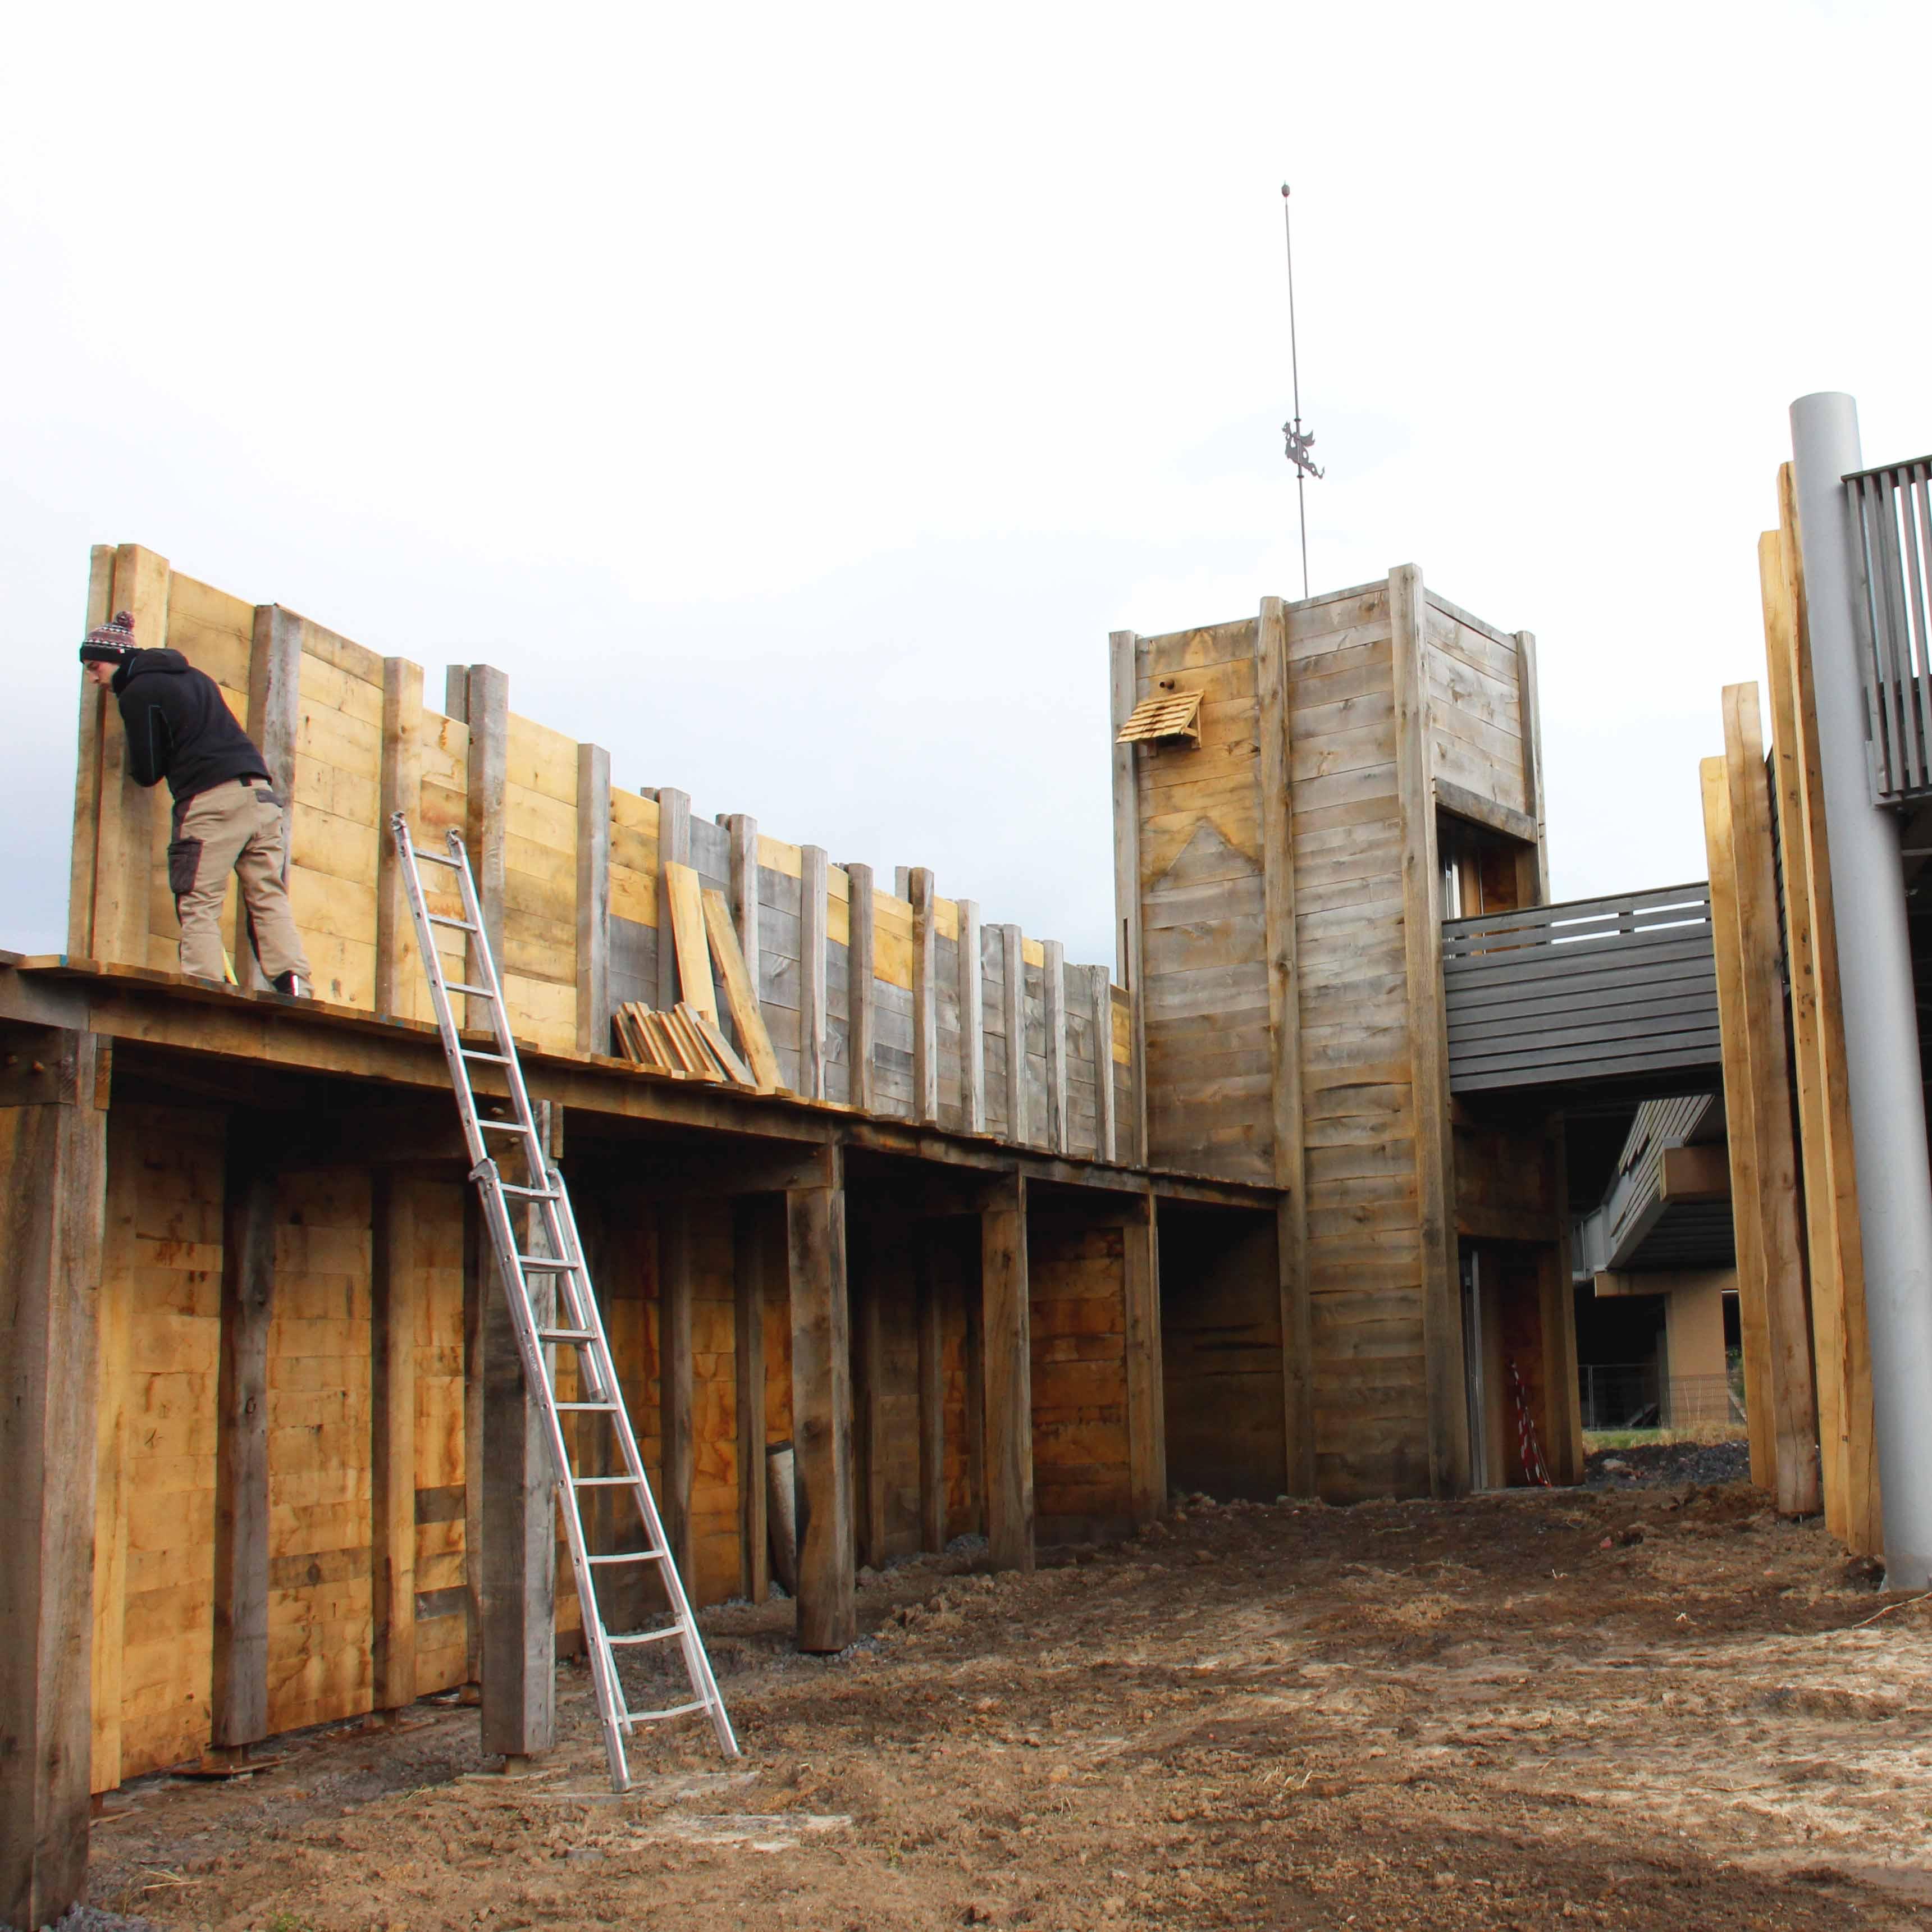 Ouvrages Spéciaux Rénovation Charpente bois Raches Douai musée Arkéos - Charpentier des Flandres